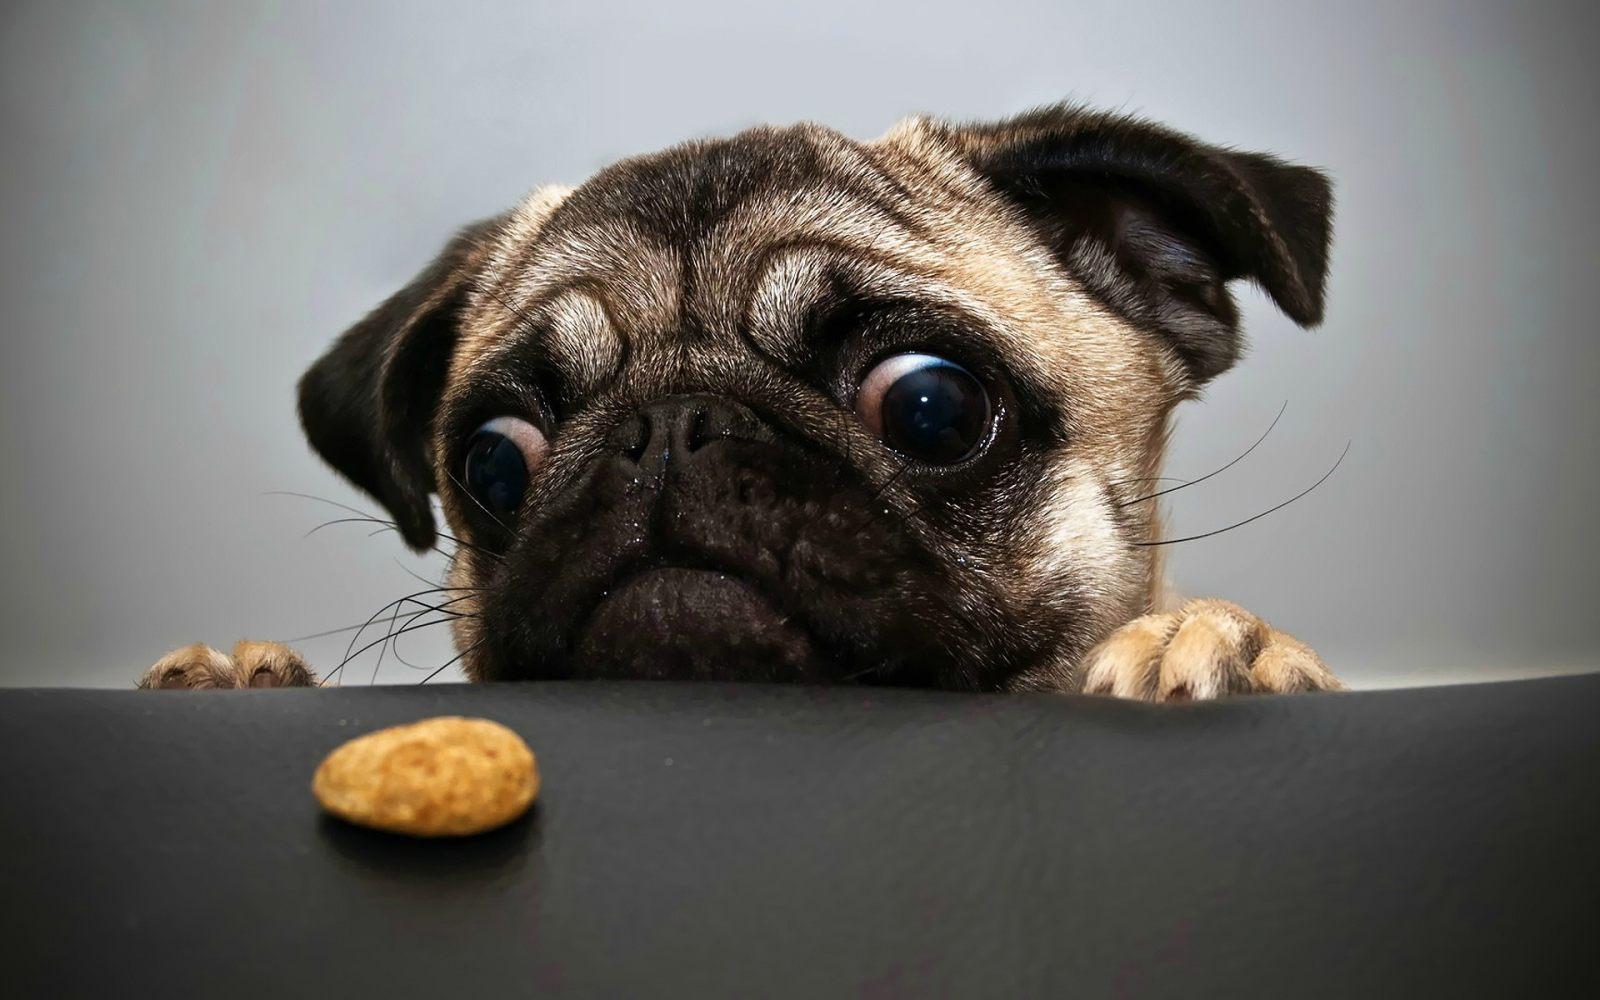 Galeria de fotos e imagens: Pug